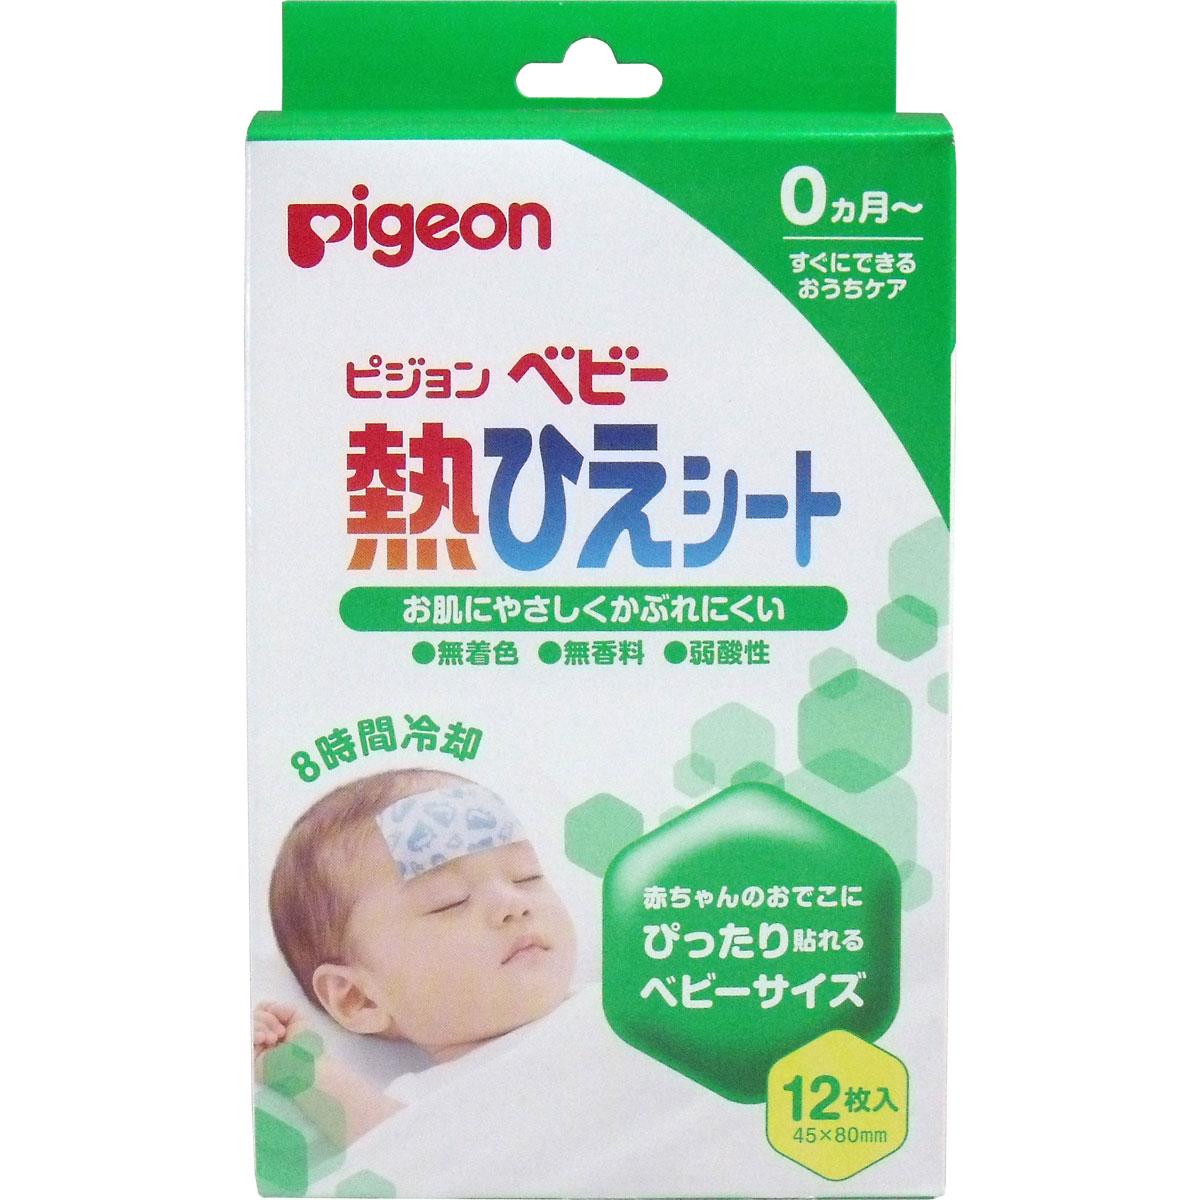 Miếng dán hạ sốt Pigeon có tốt không?